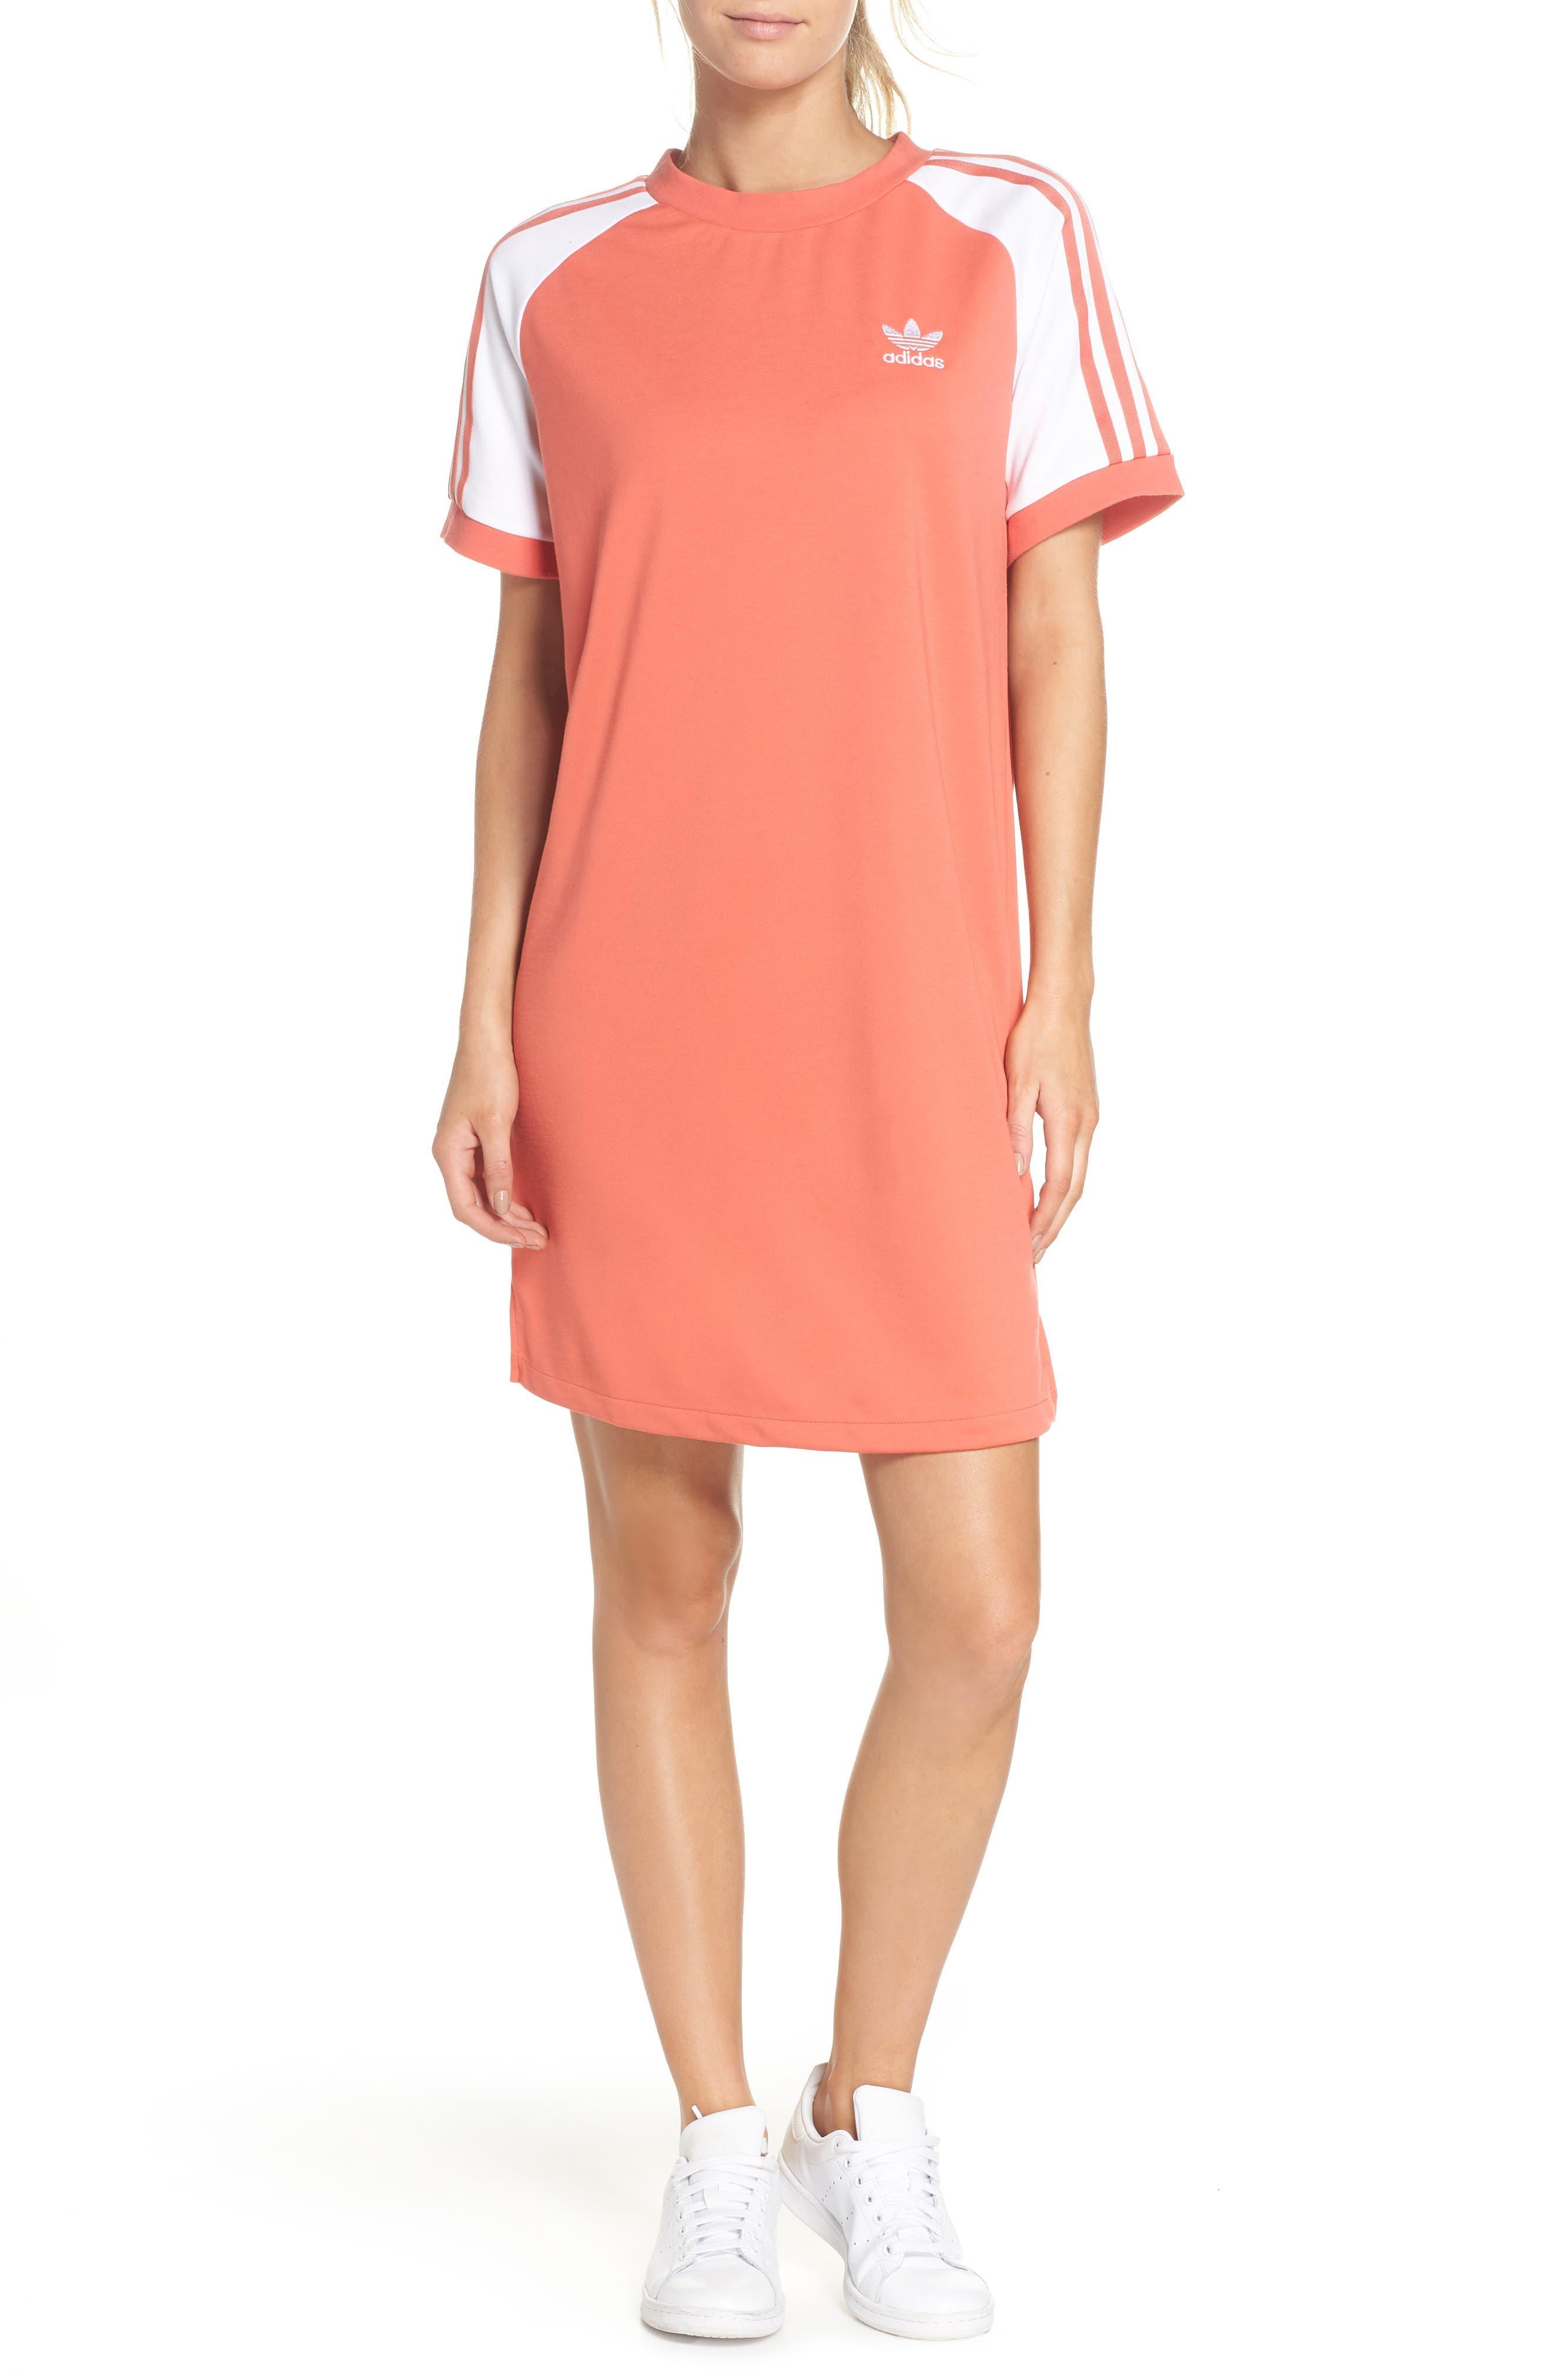 adidas Originals Raglan Sleeve Dress